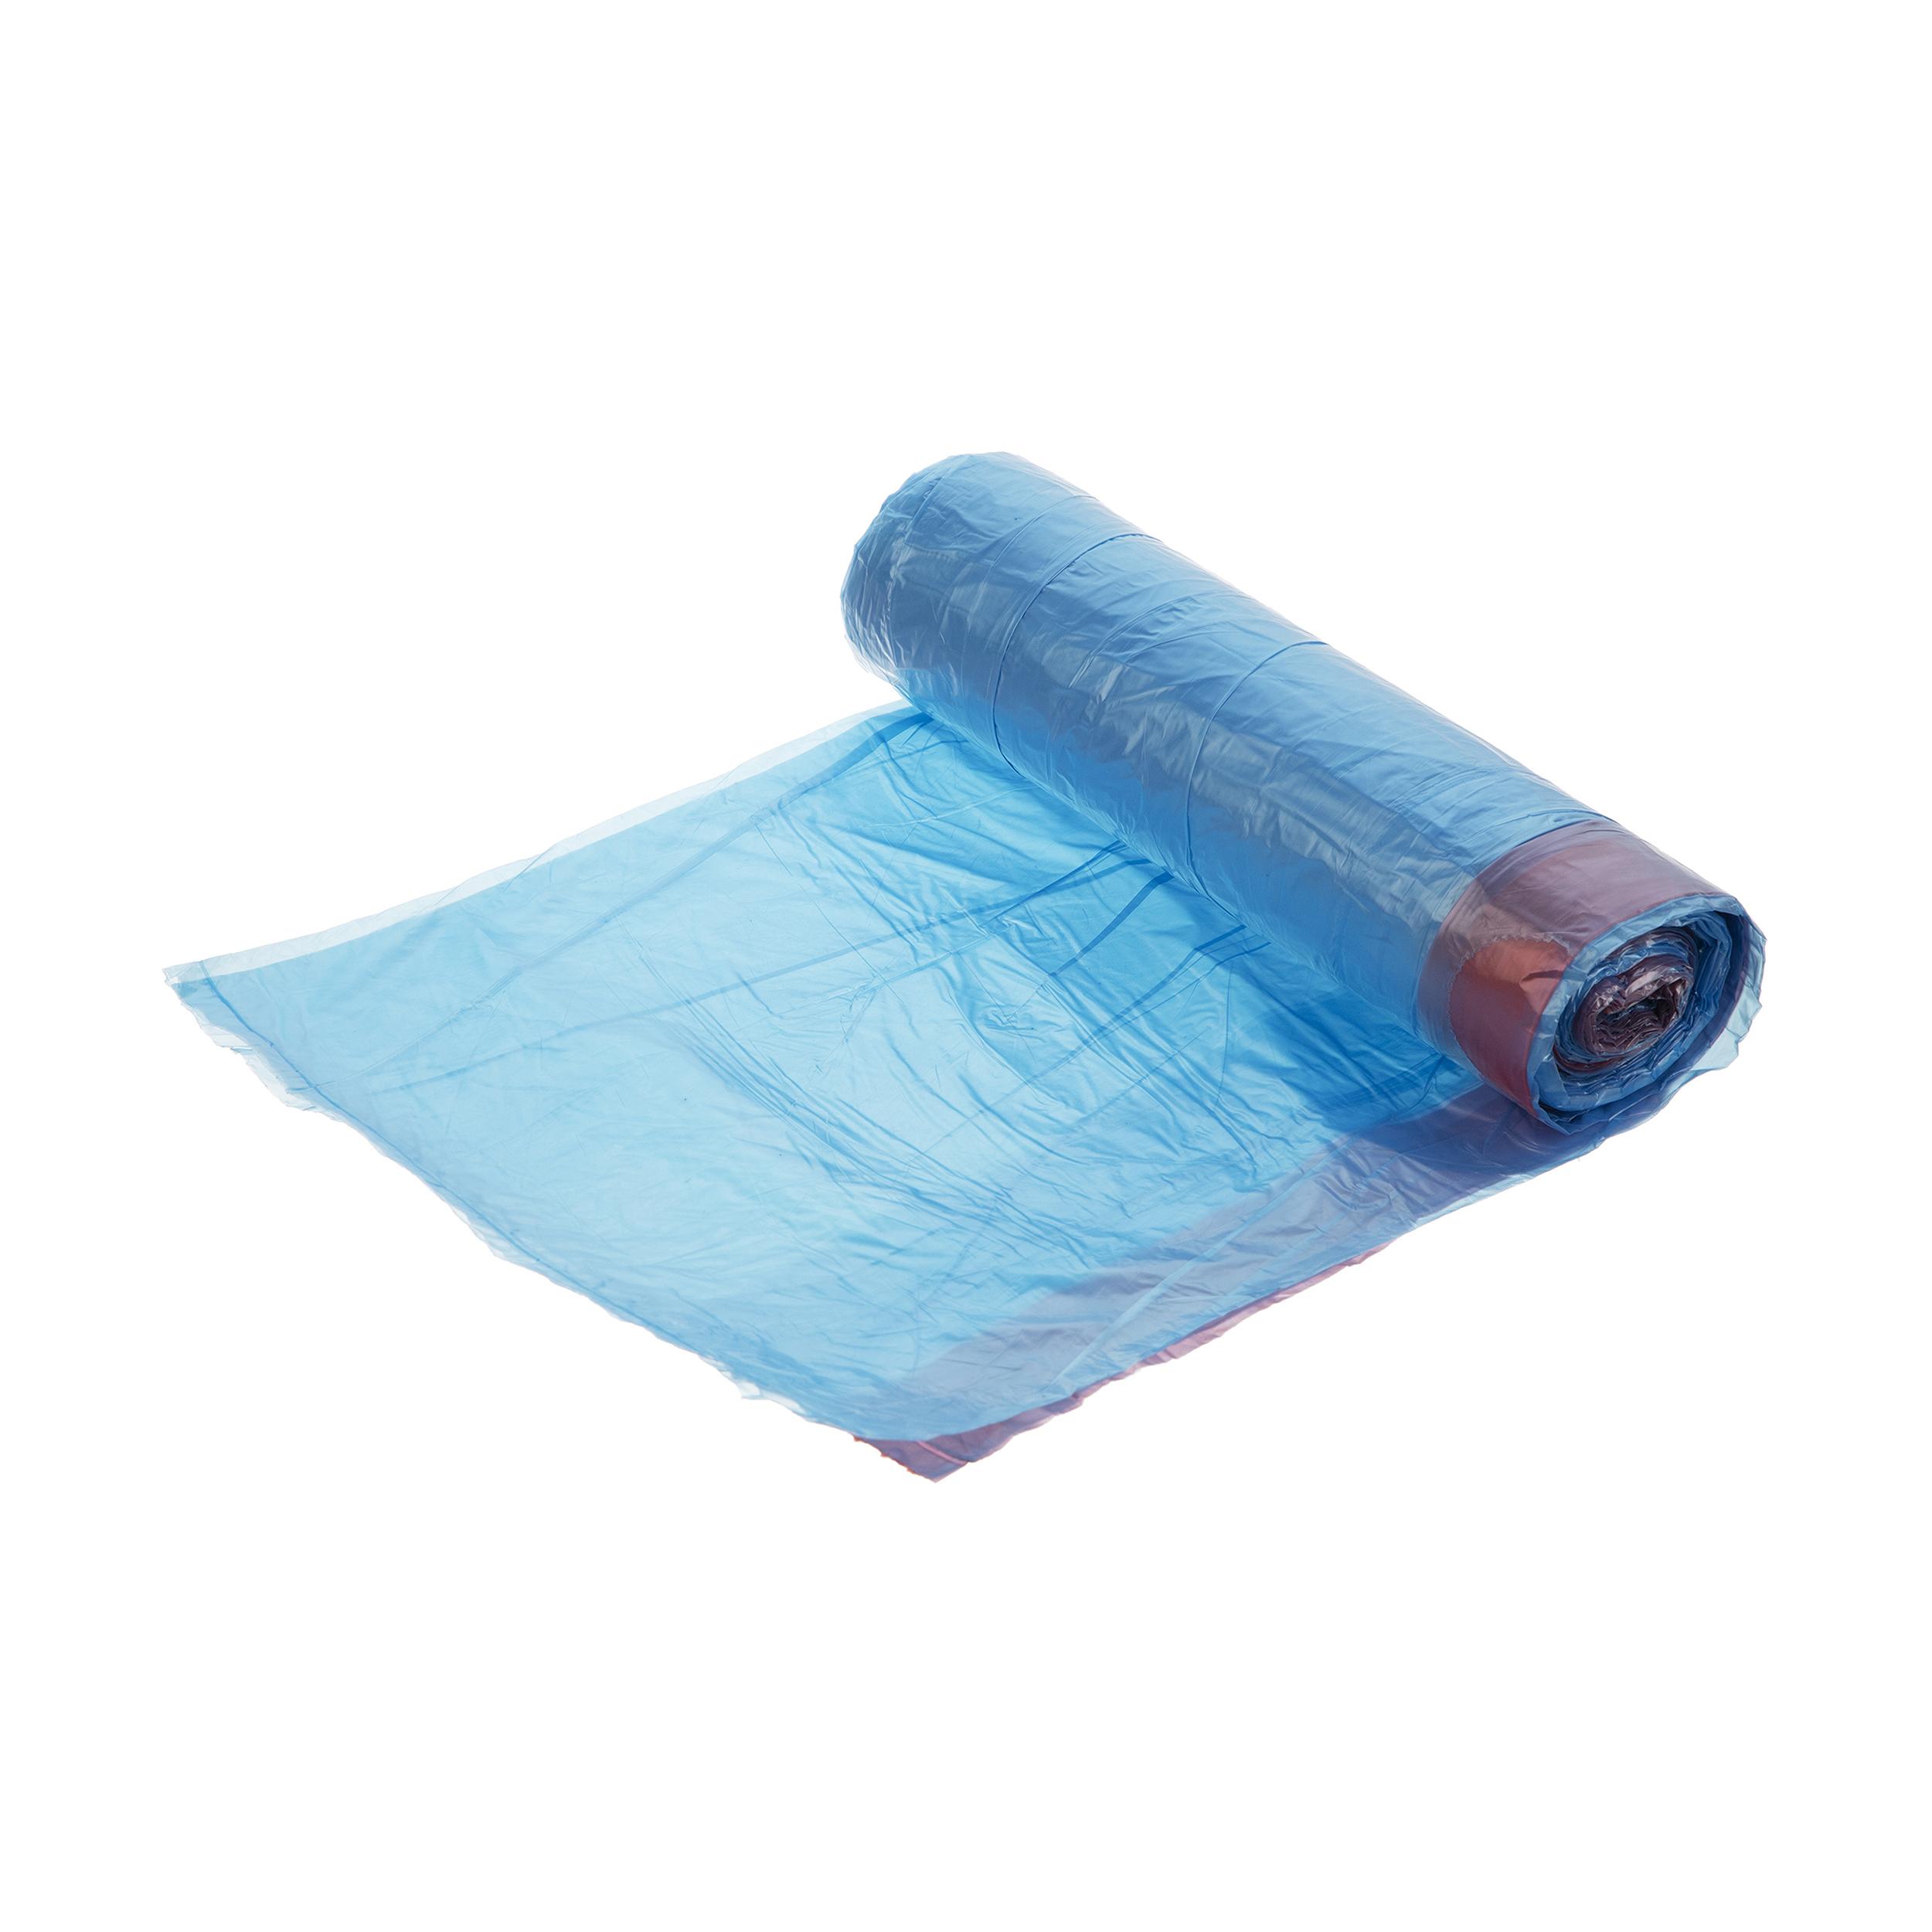 کیسه زباله هوم پلاس کد 5130280 رول 15 عددی